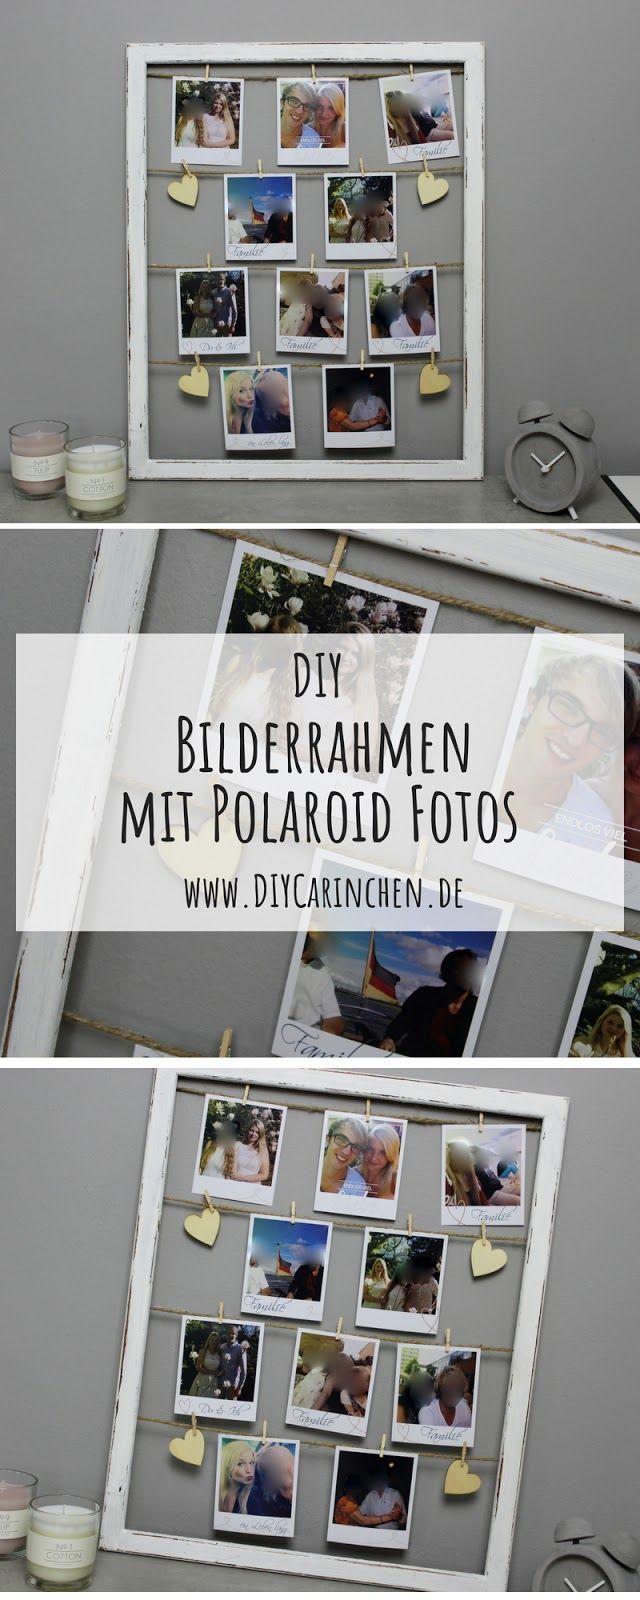 DIY ausgefallener Bilderrahmen mit Fotos im Polaroid-Stil selber machen #wanddekoselbermachen